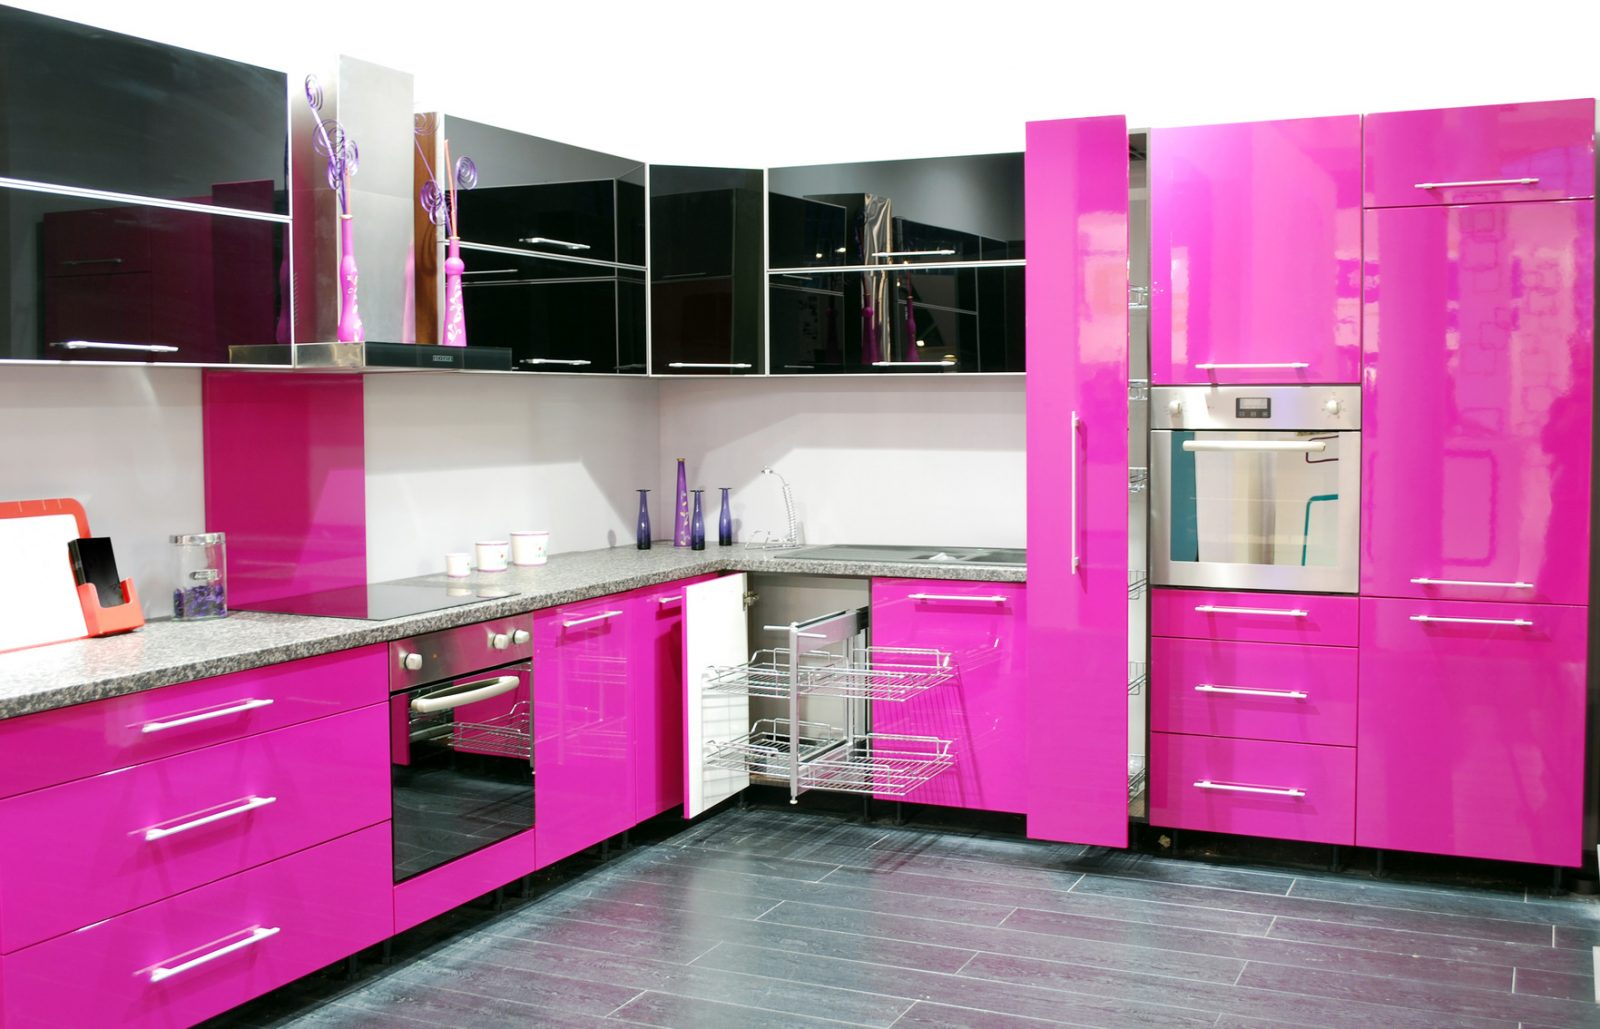 Cocina moderna en rosa im genes y fotos - Cocina rosa ...